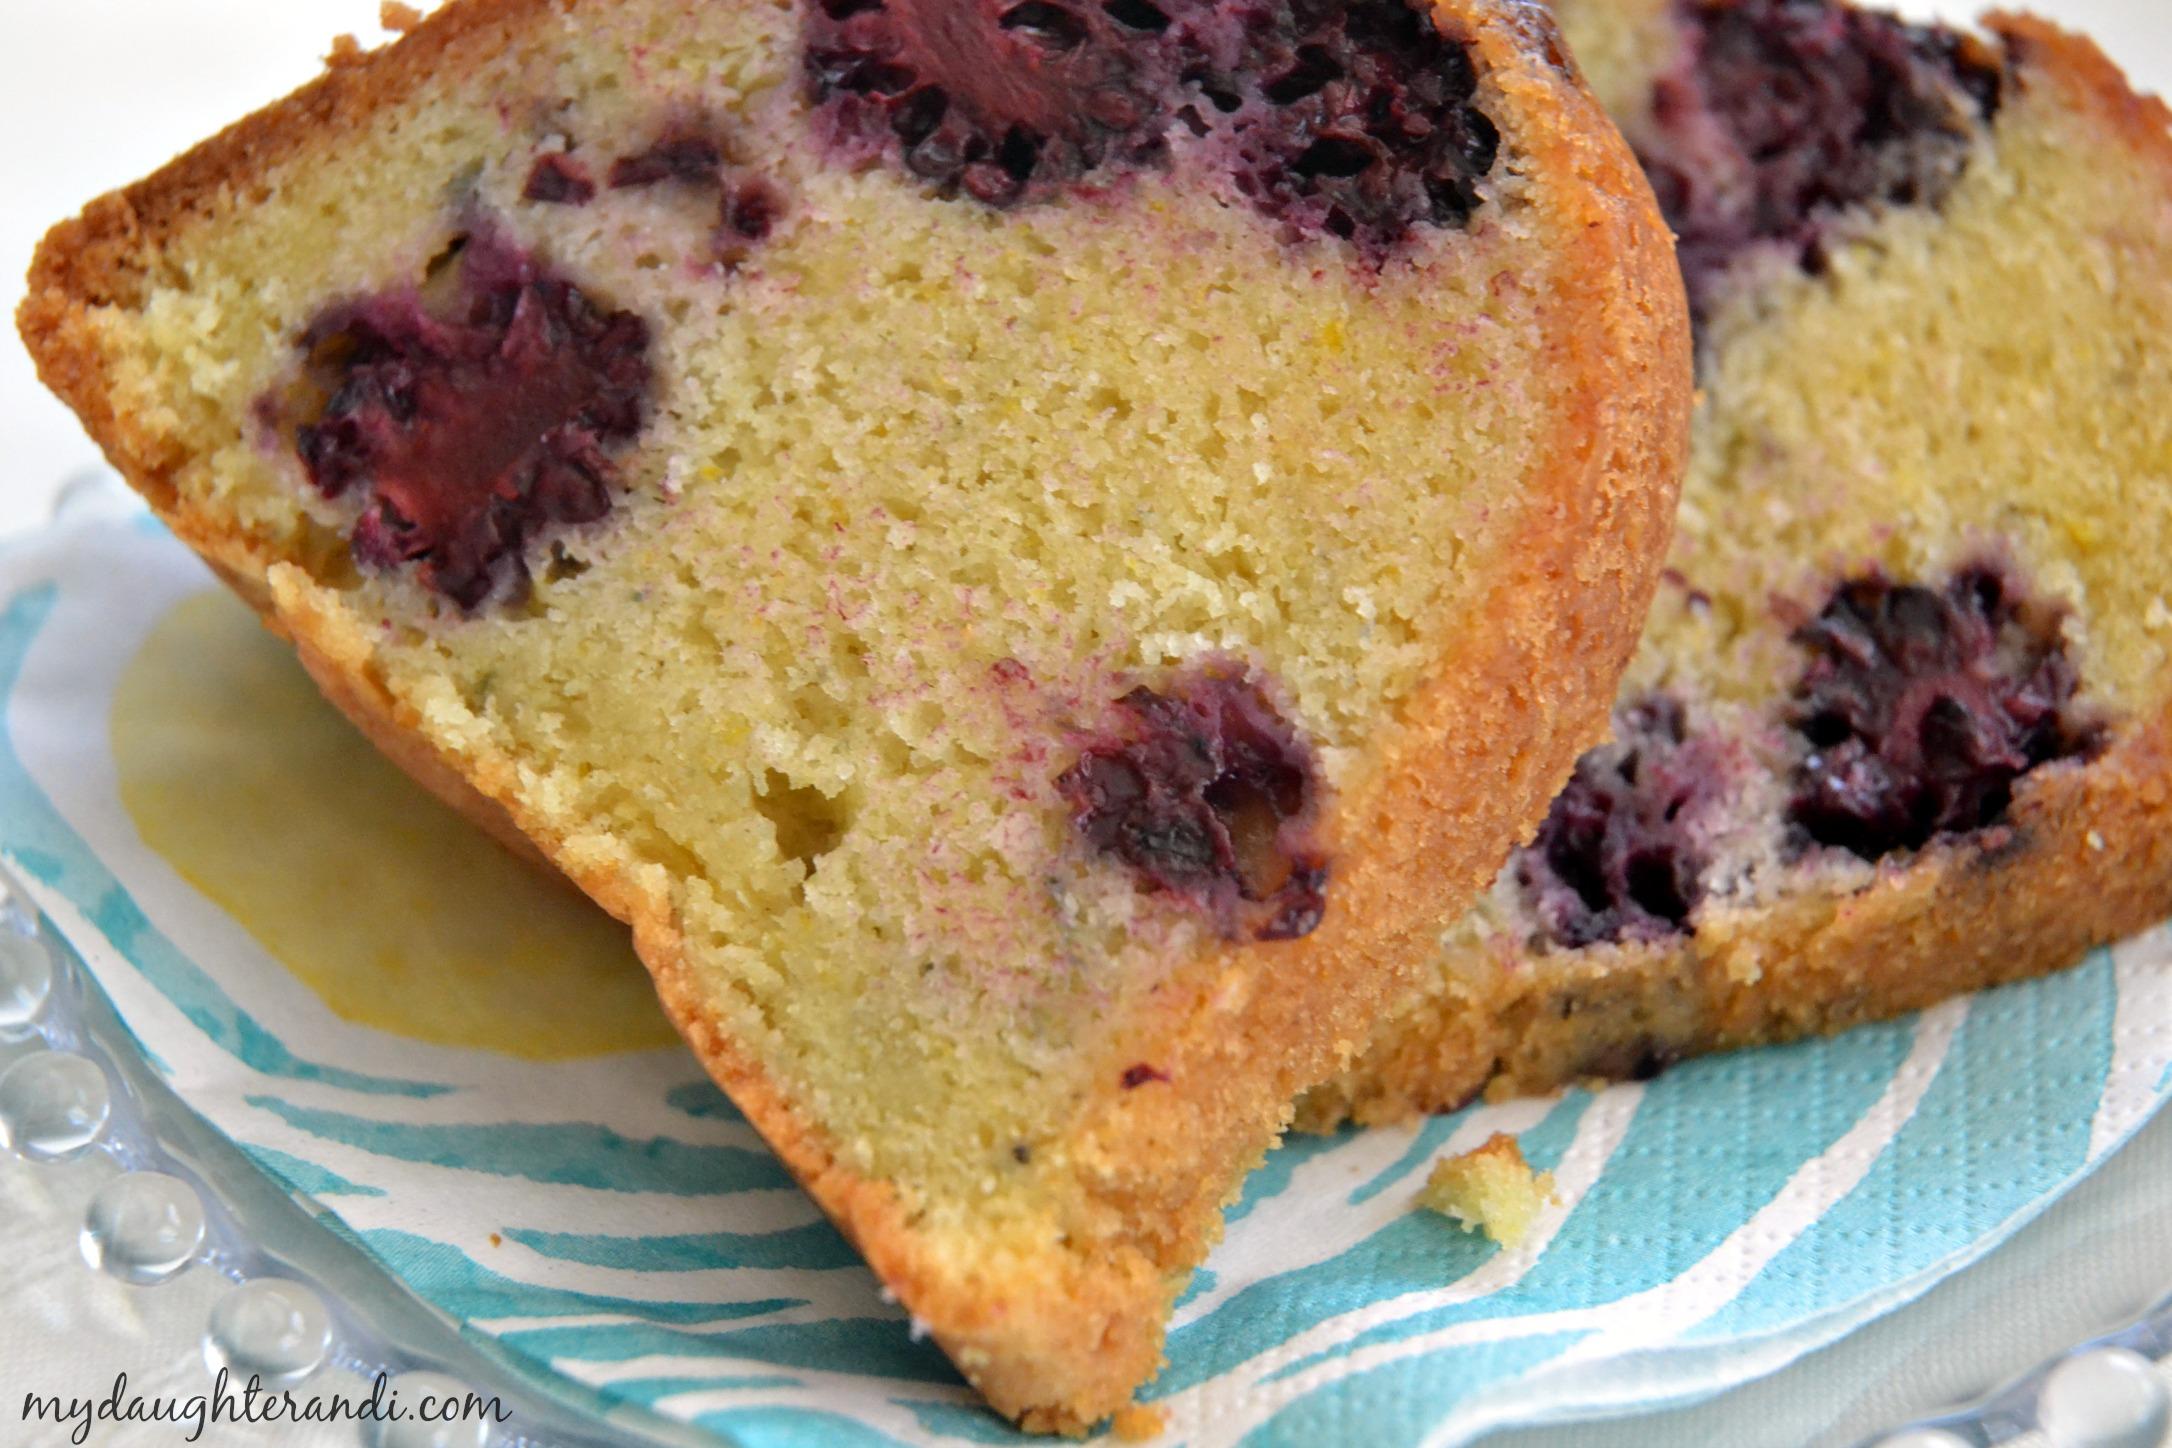 Blackberry Lemon Sour Cream Bundt Cake